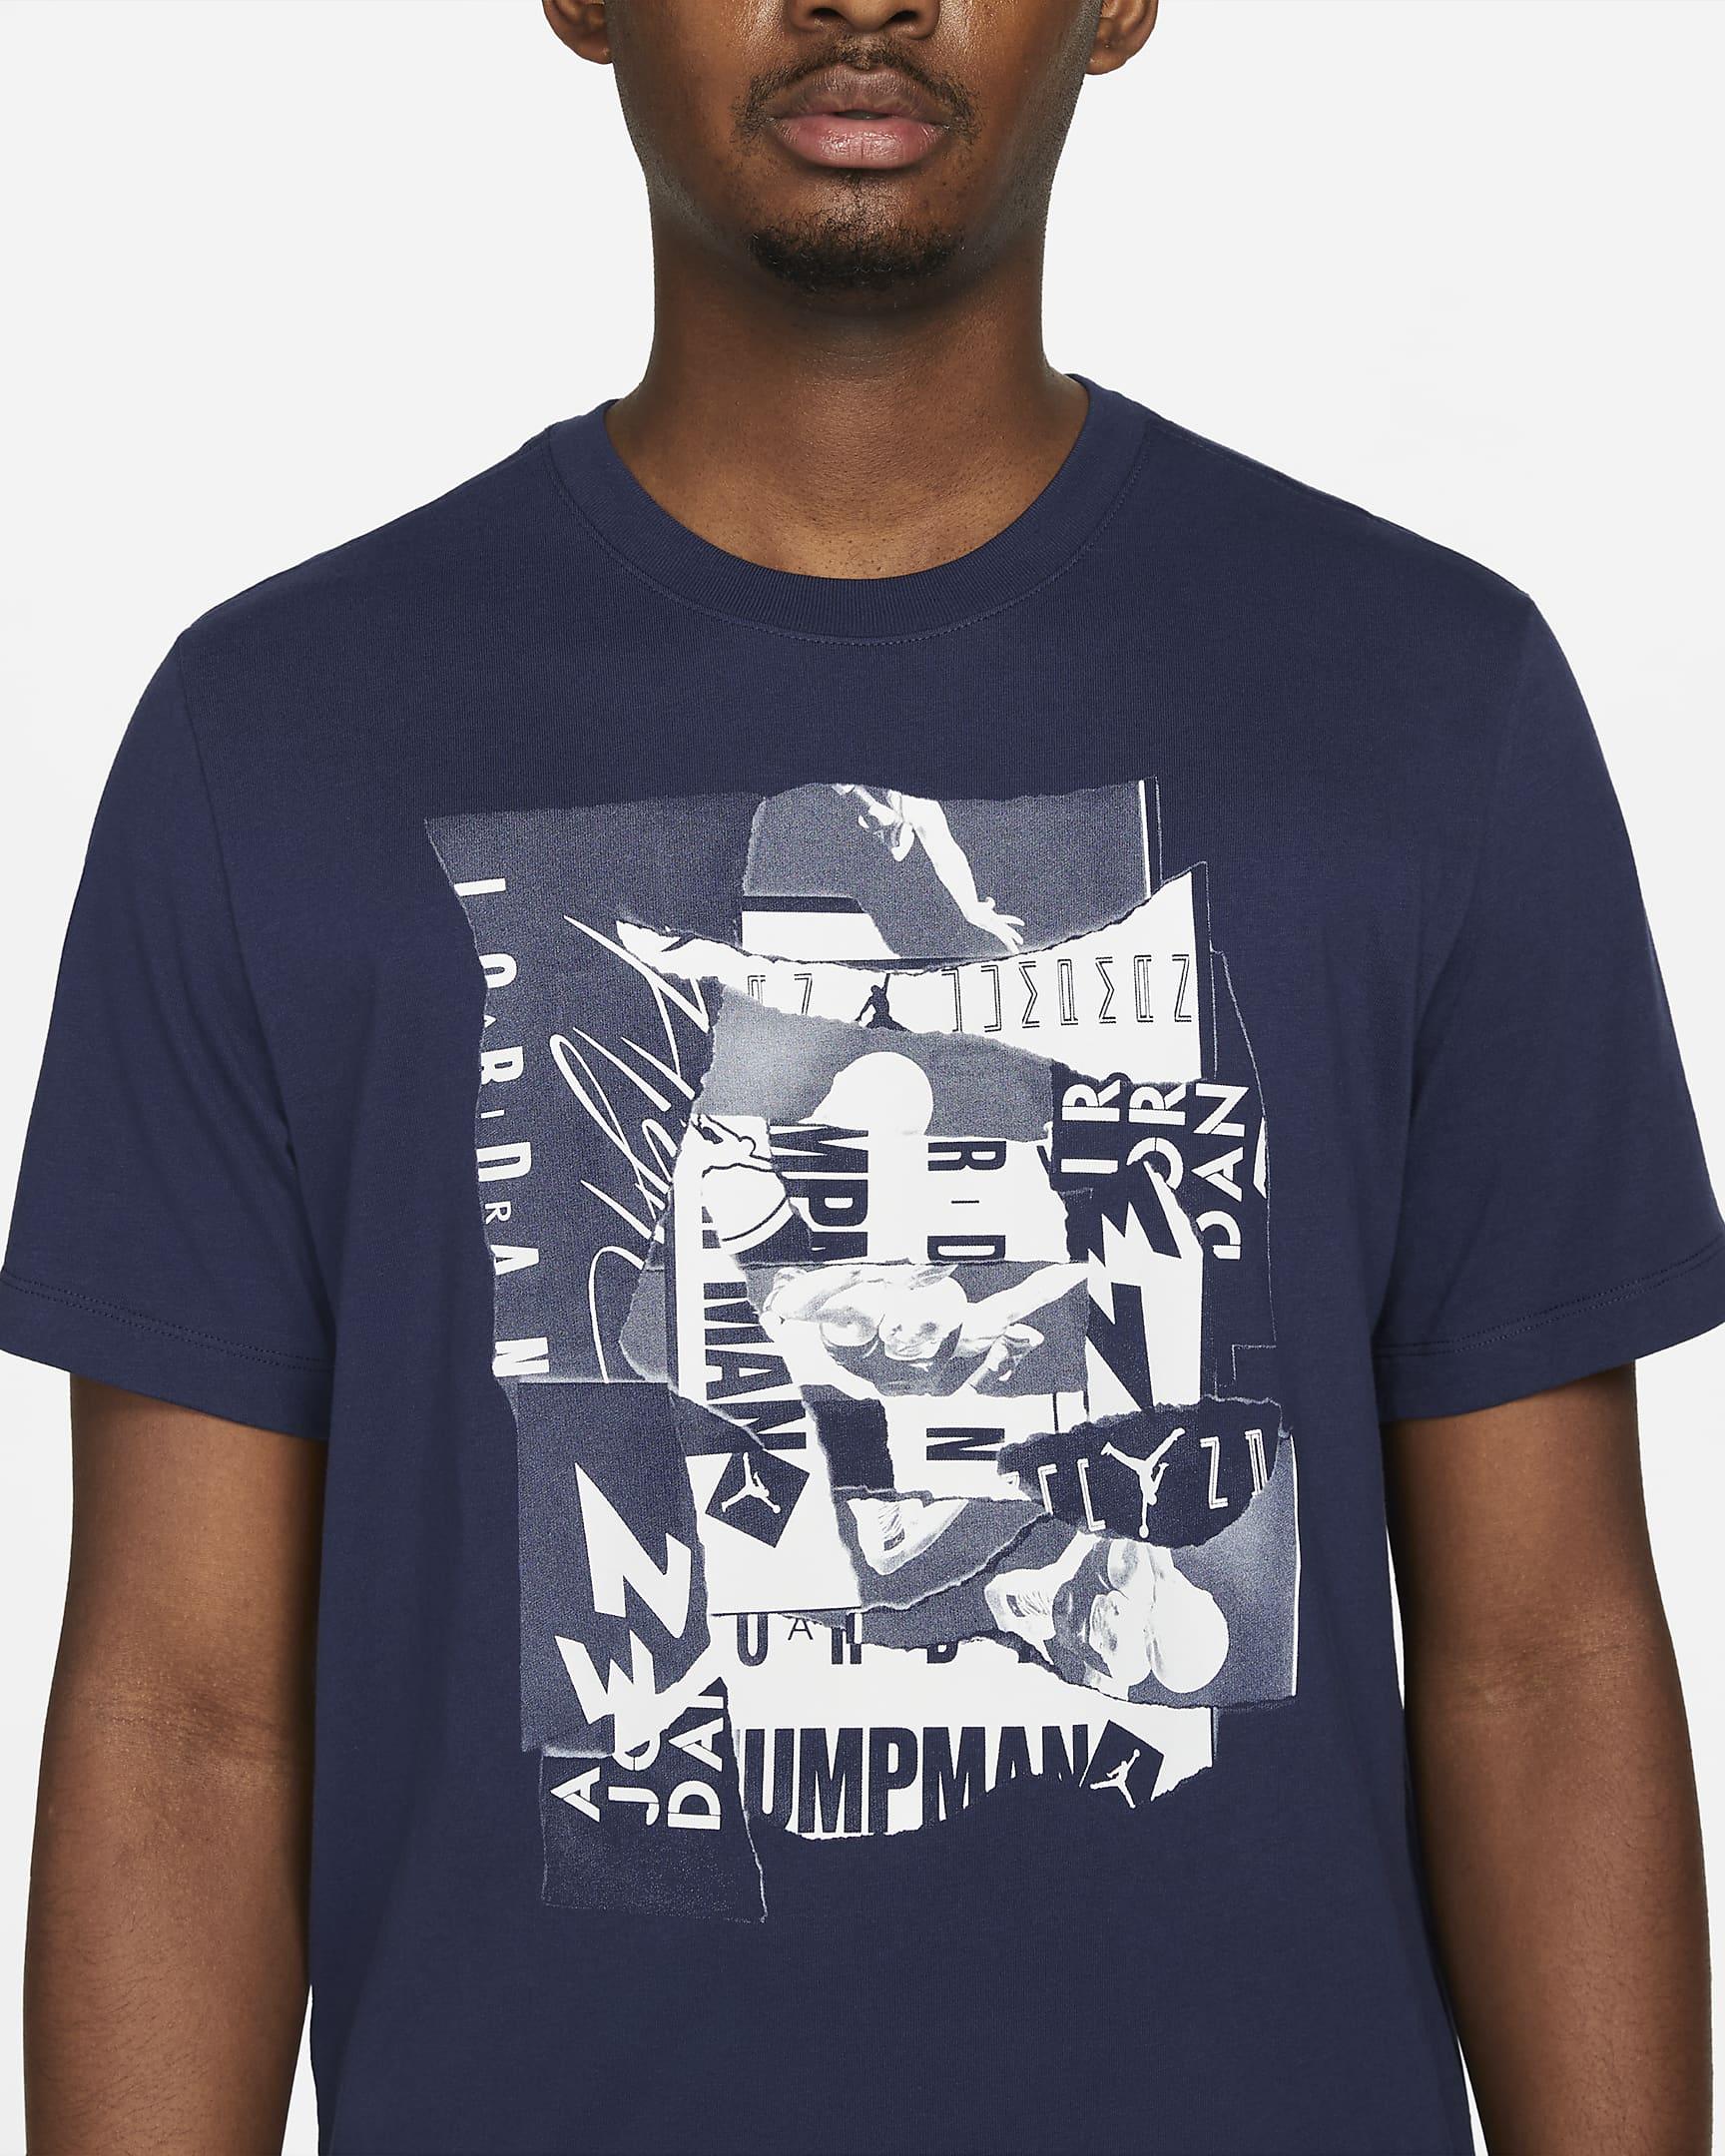 jordan-jumpman-flight-mens-short-sleeve-t-shirt-nCcgH7-1.png